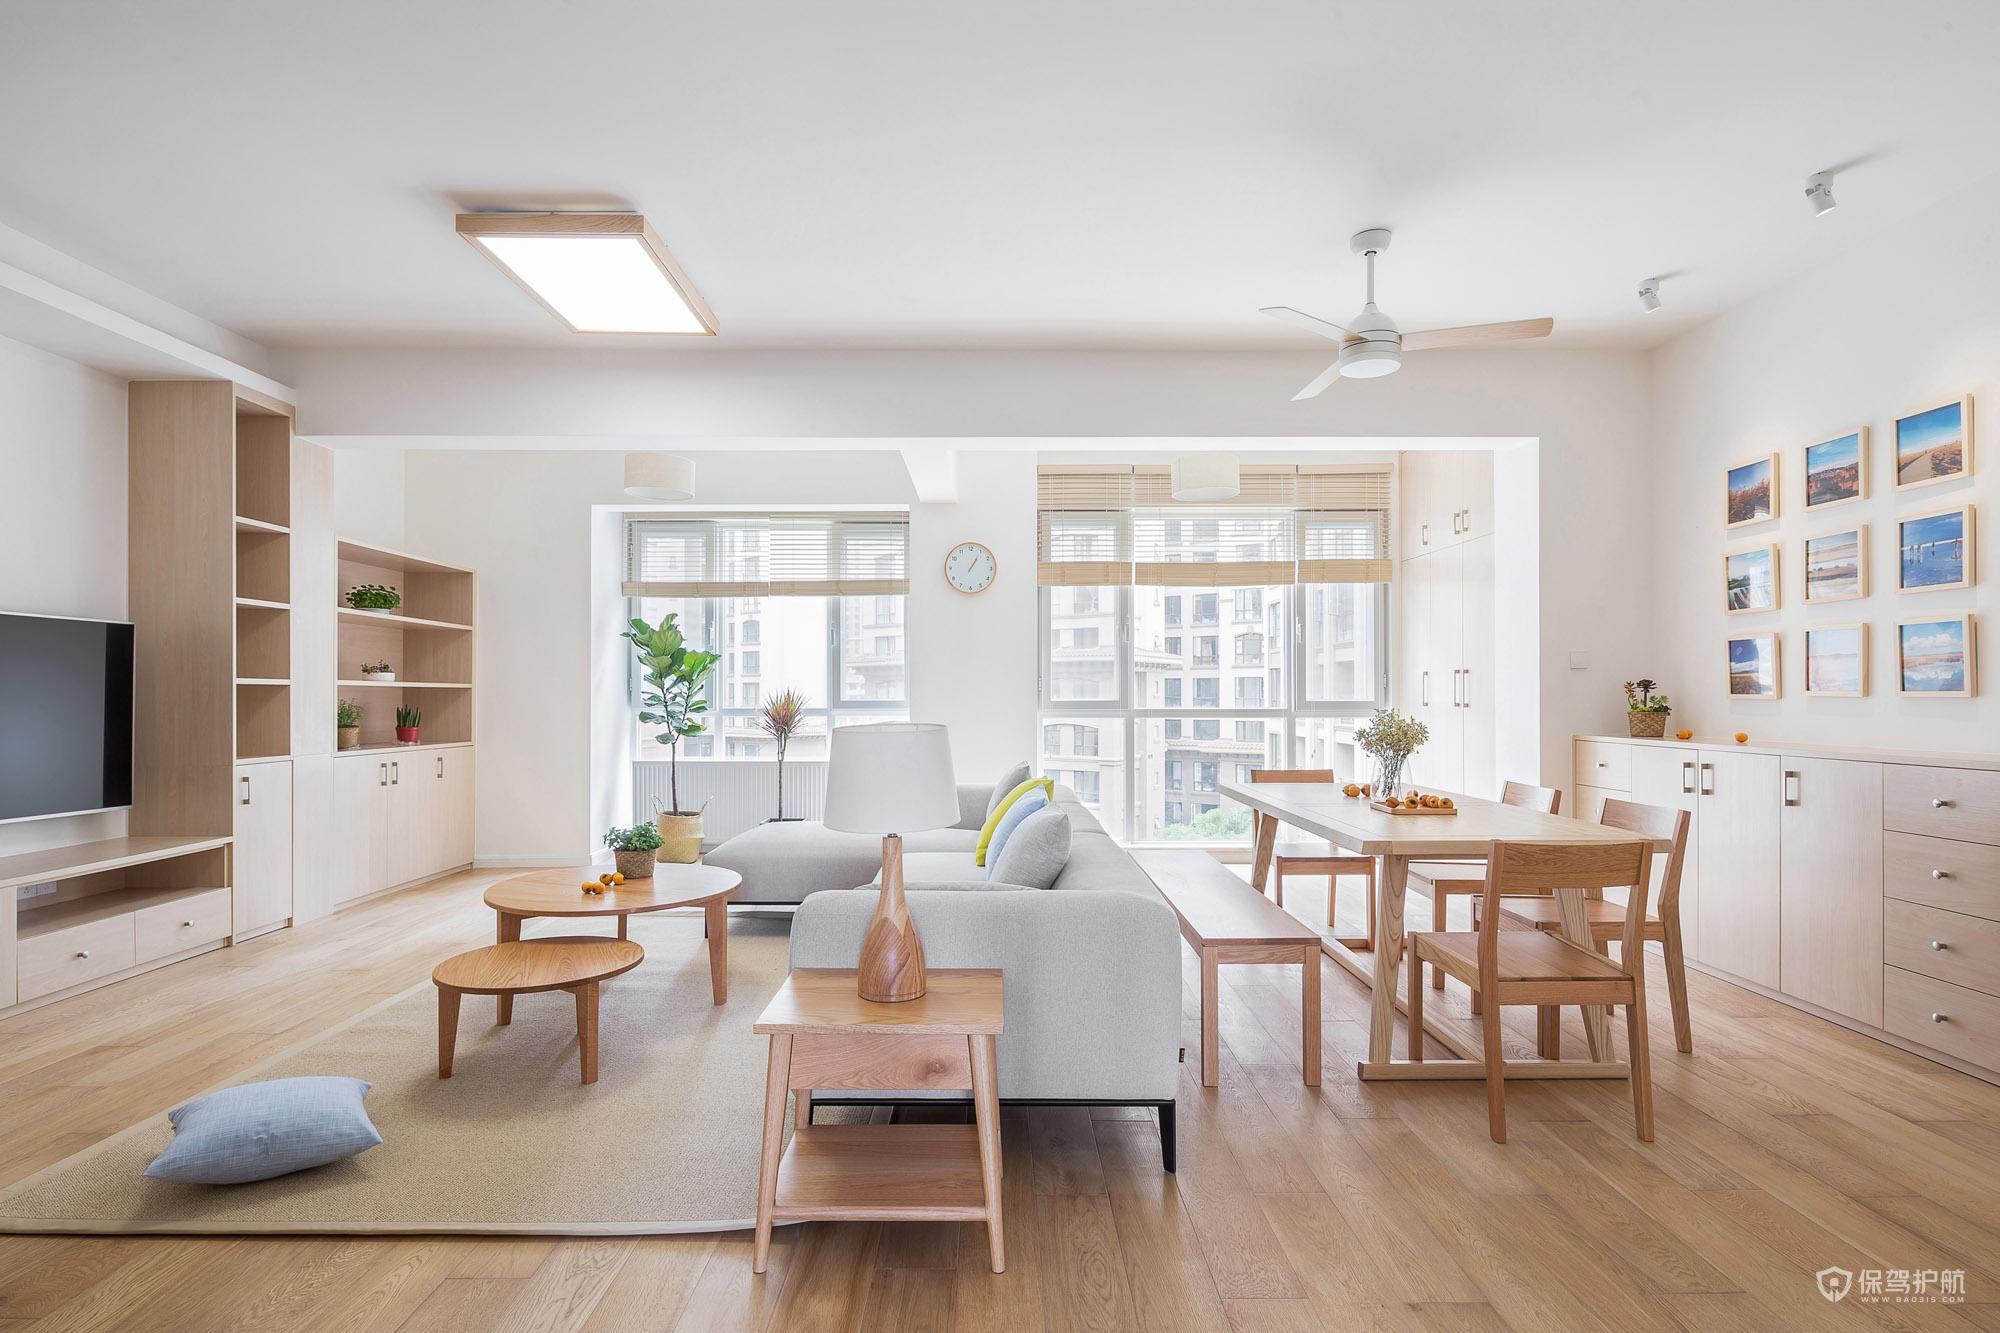 簡潔日式三居室客餐廳裝修效果圖